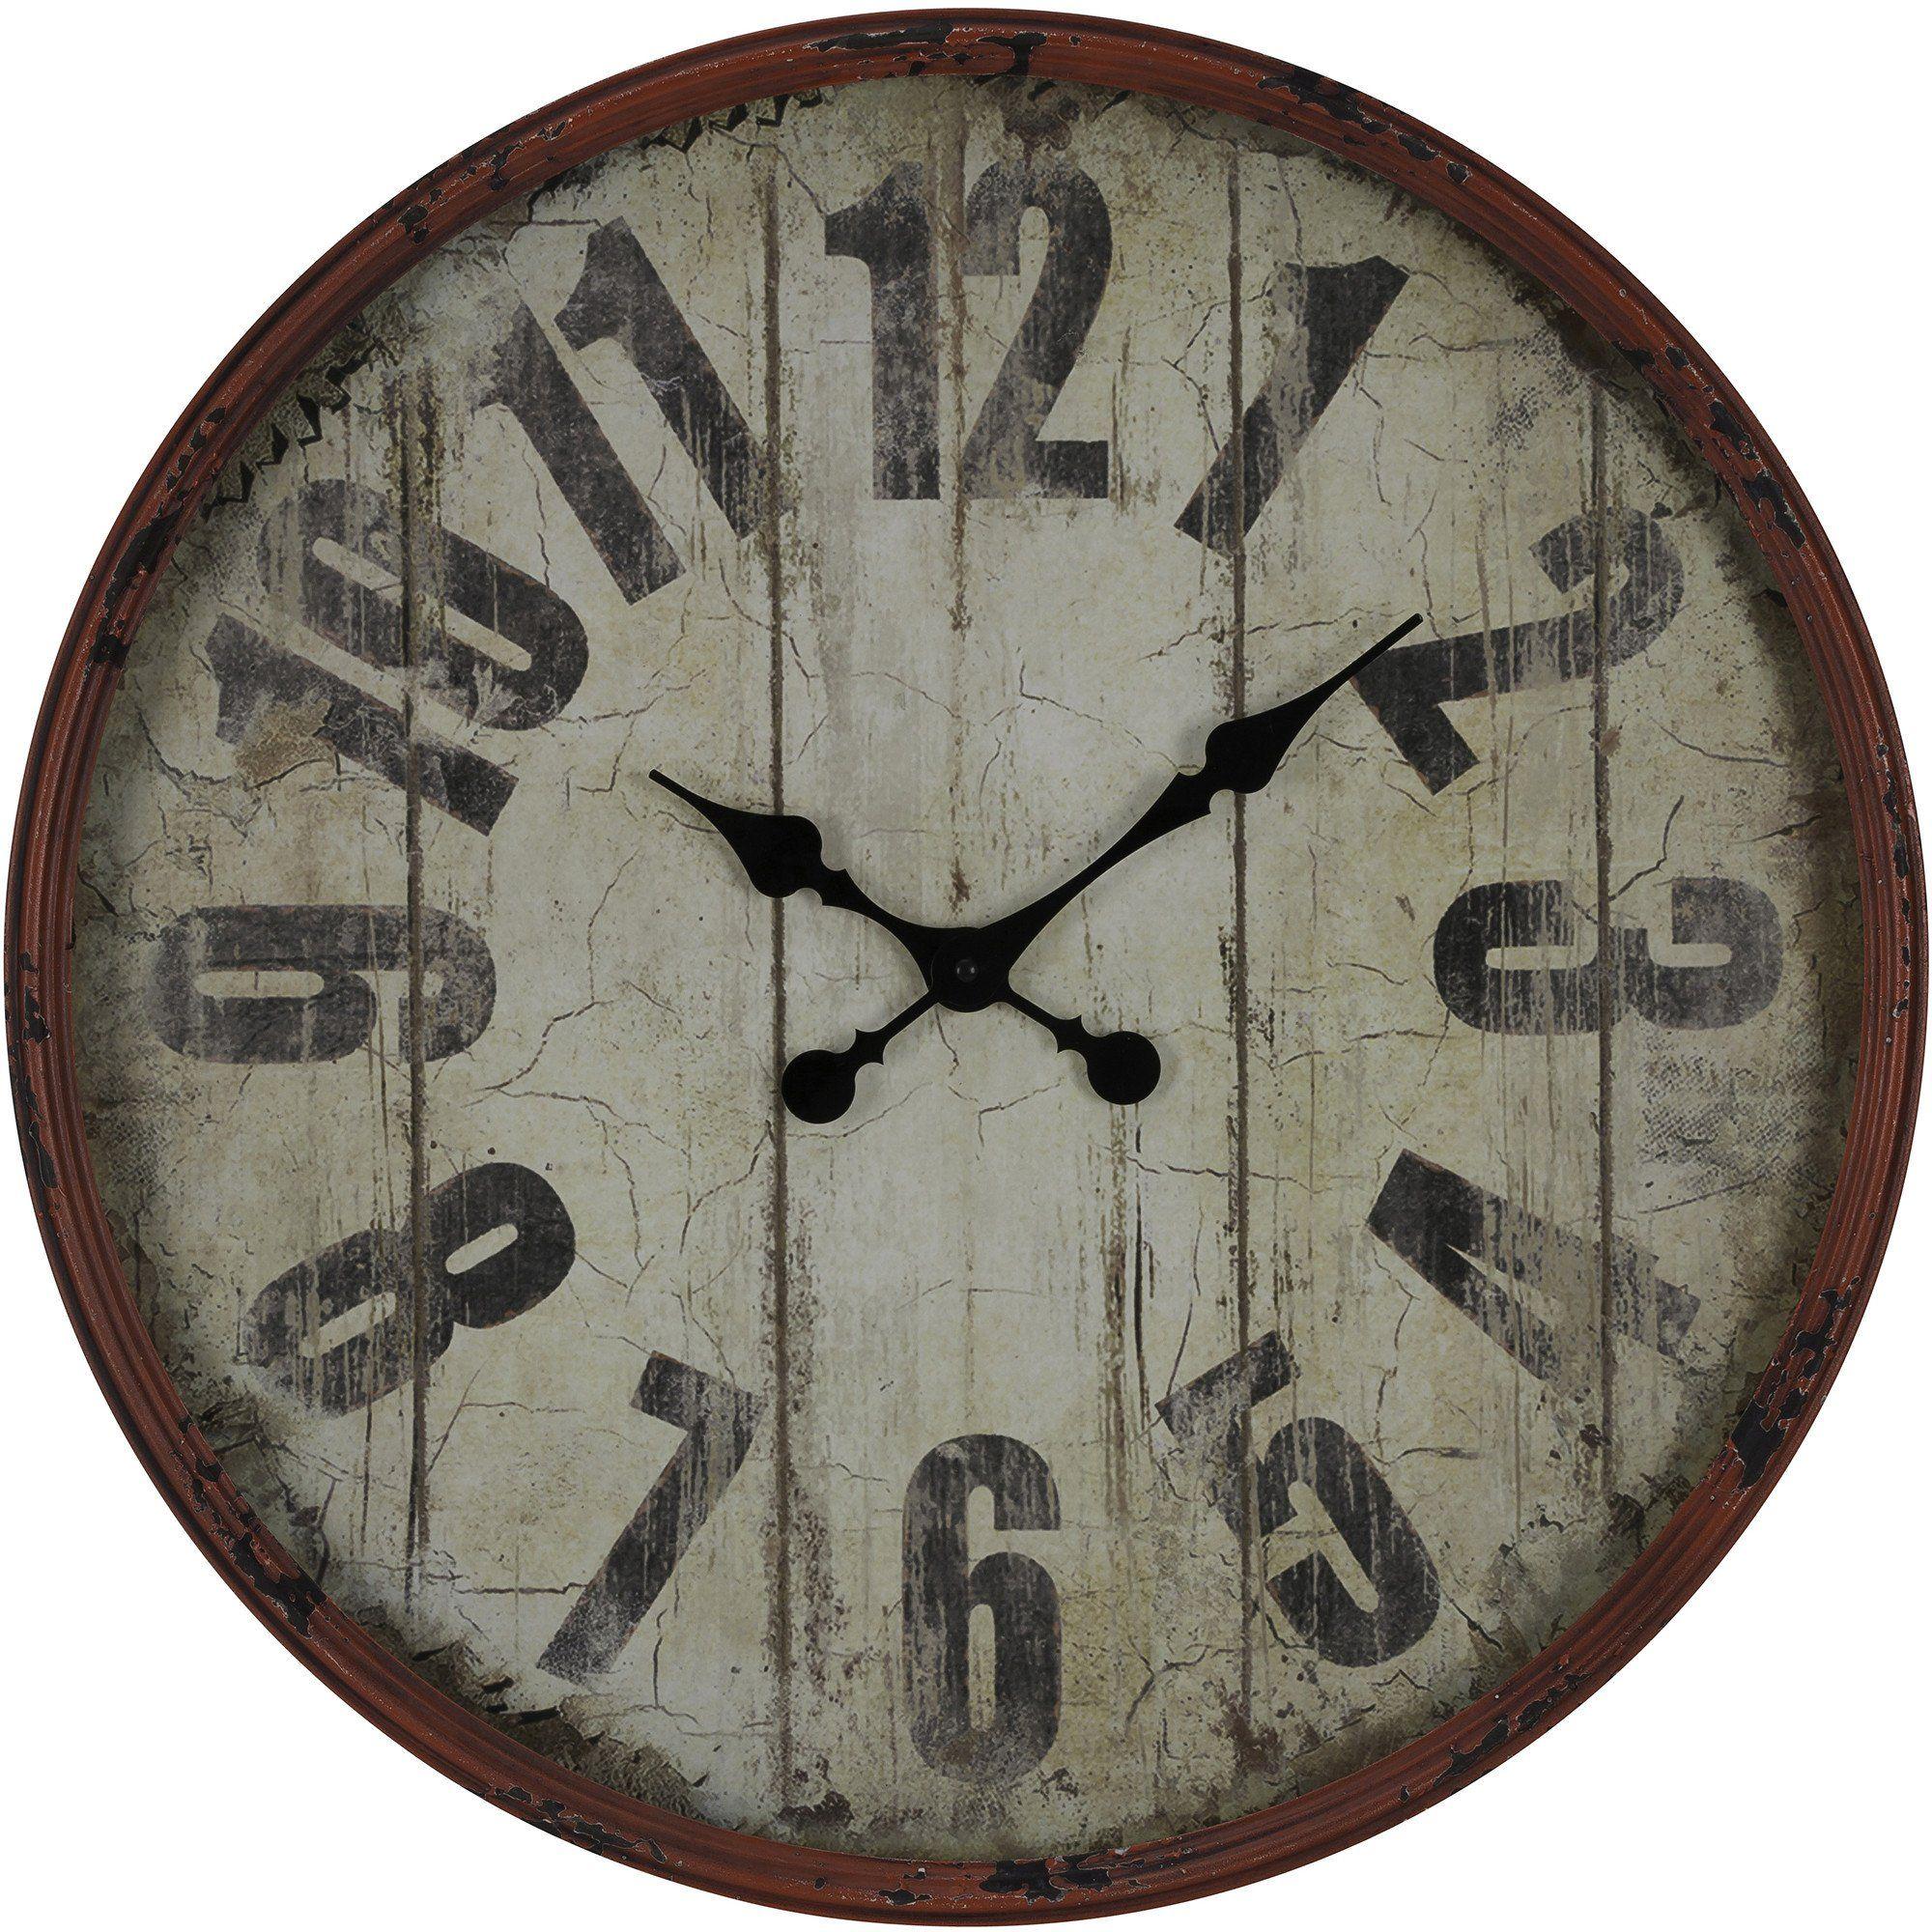 Oleshia Wall Clock Products Pinterest Wall clocks Clocks and